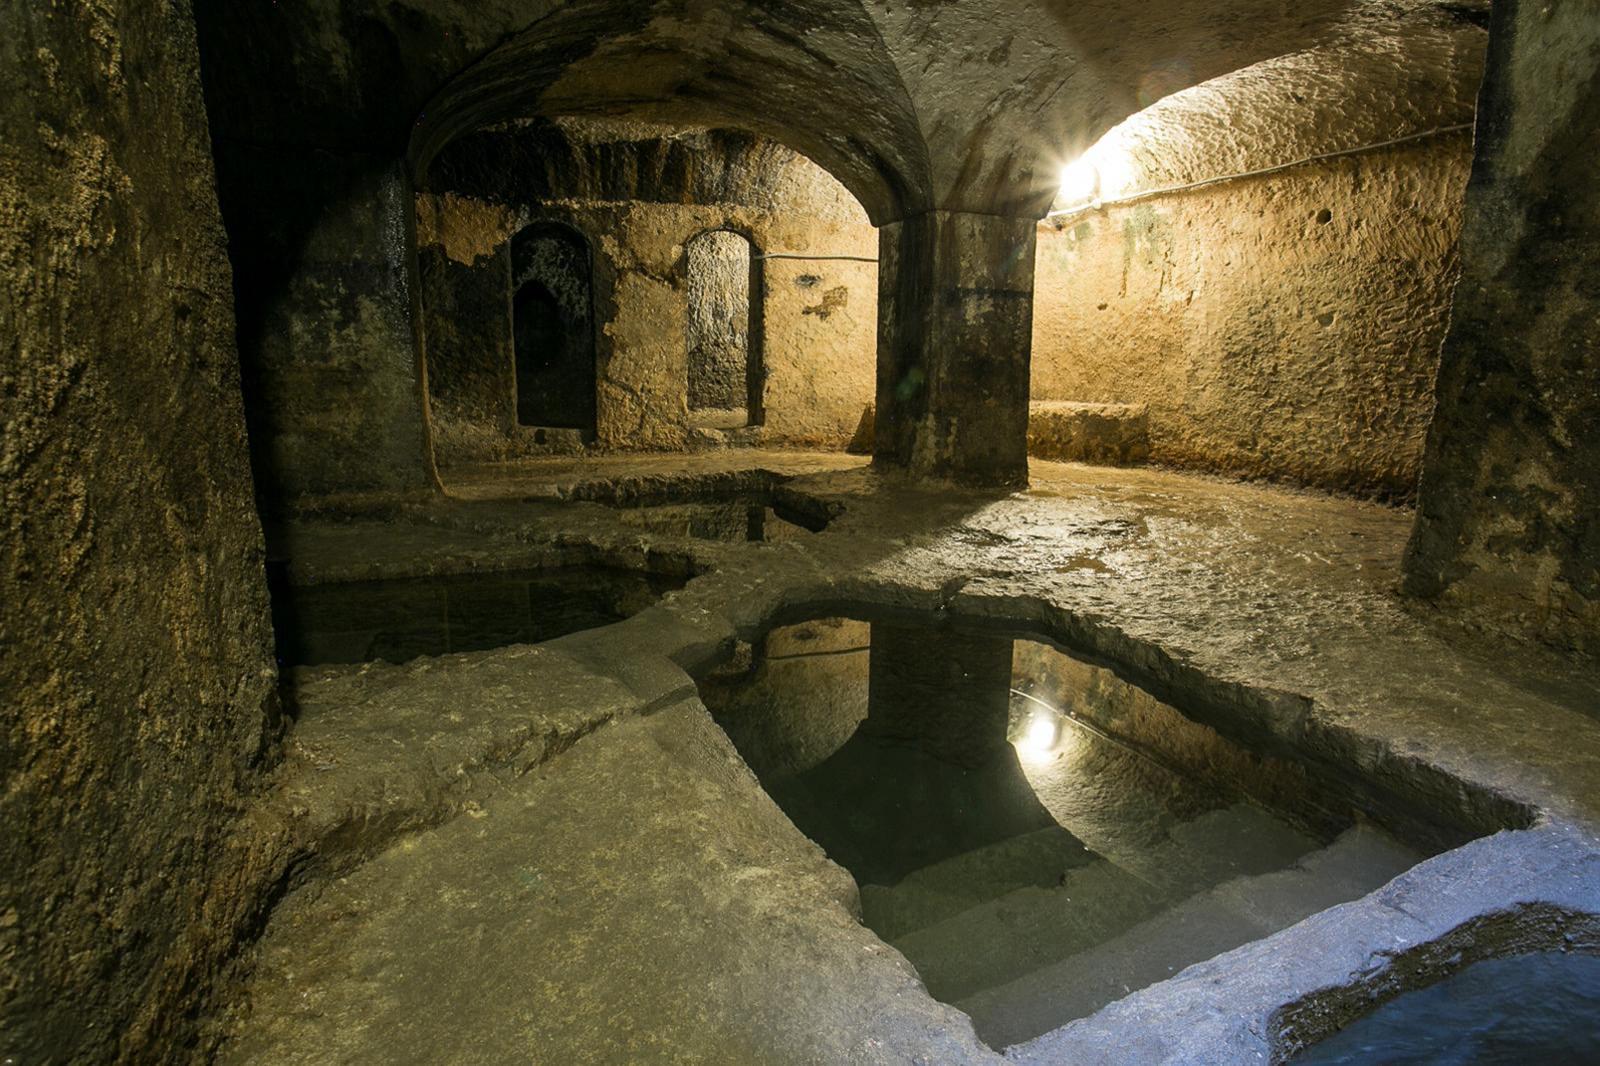 Siracusa - Il mikveh di Ortigia, traccia di un passato ebraico - Moked